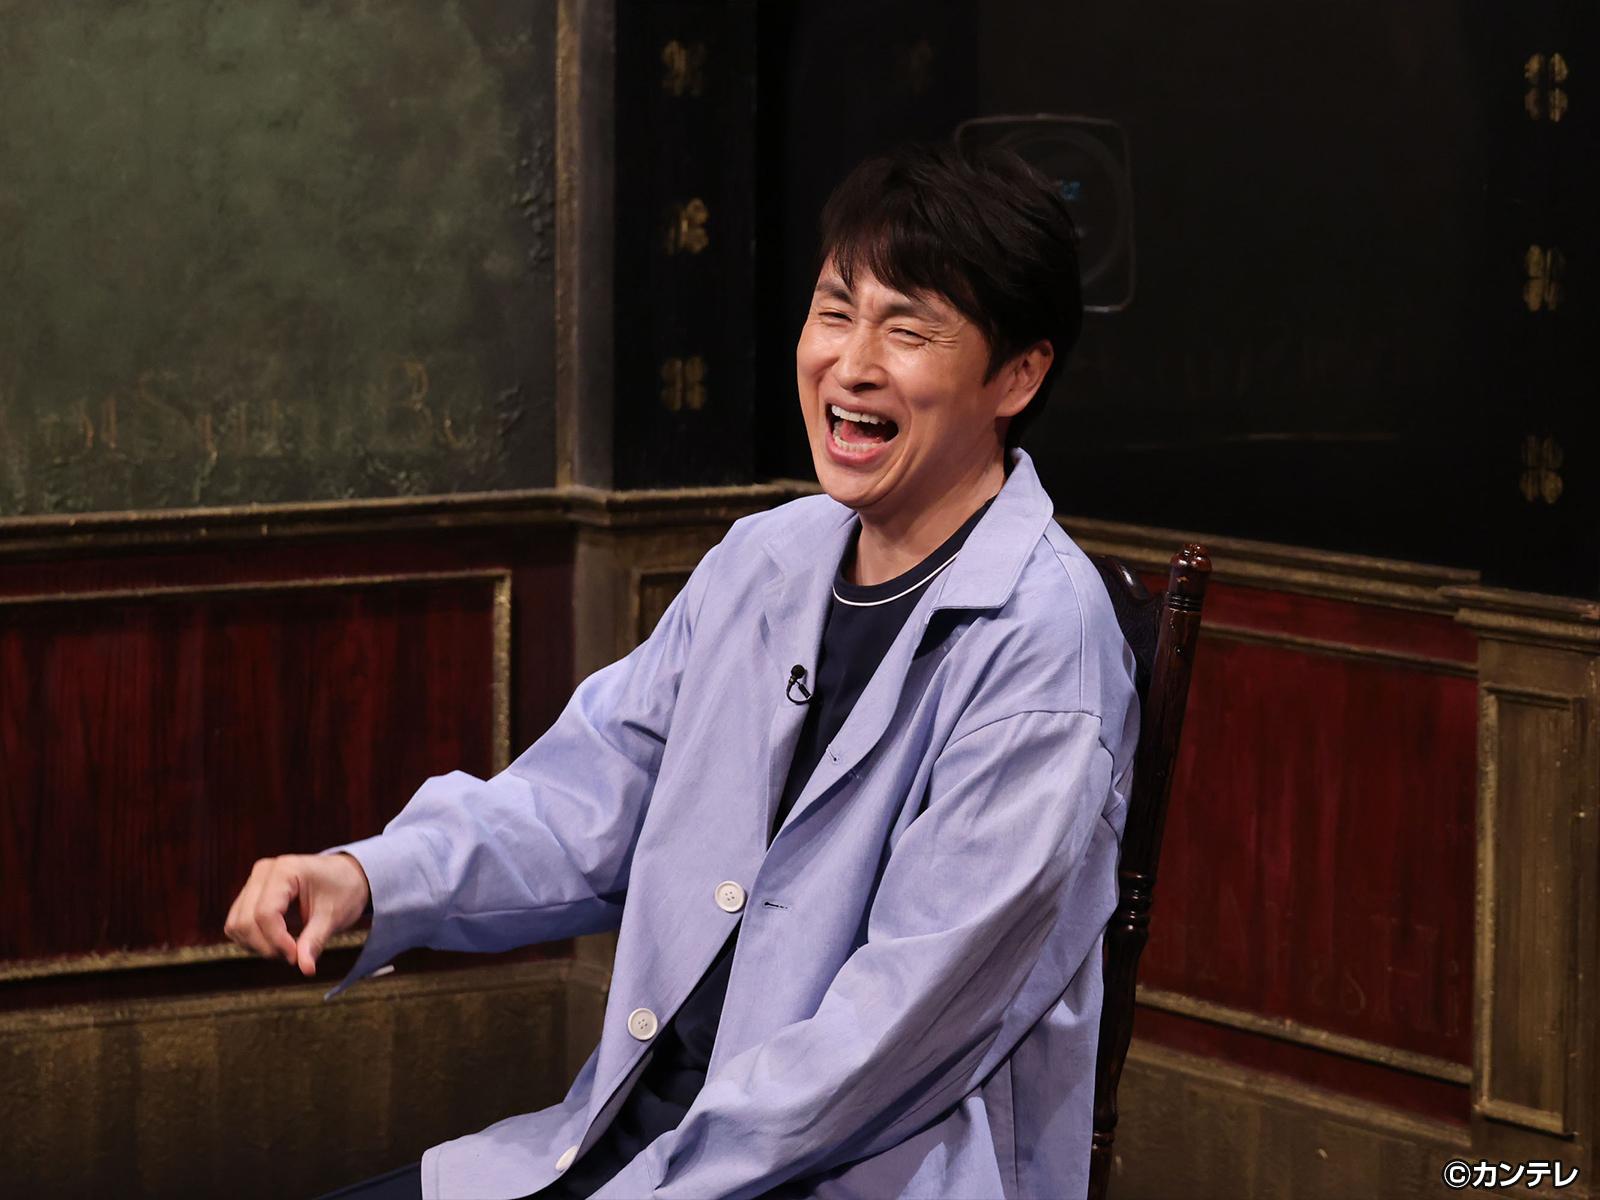 桃色つるべ~お次の方どうぞ~/第306回 歌舞伎界のフェチ男